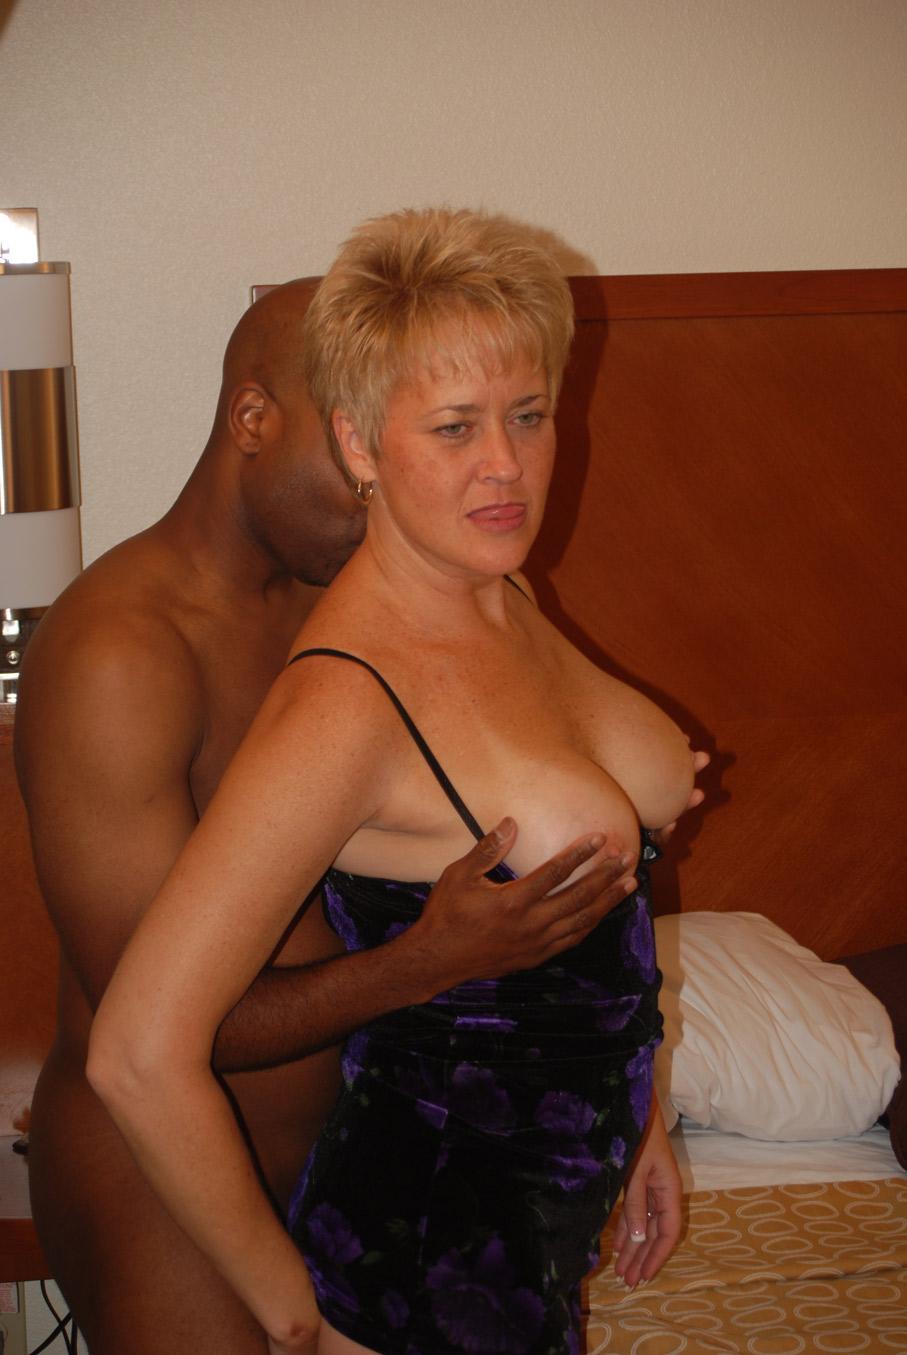 Interracial dating in tampa fl